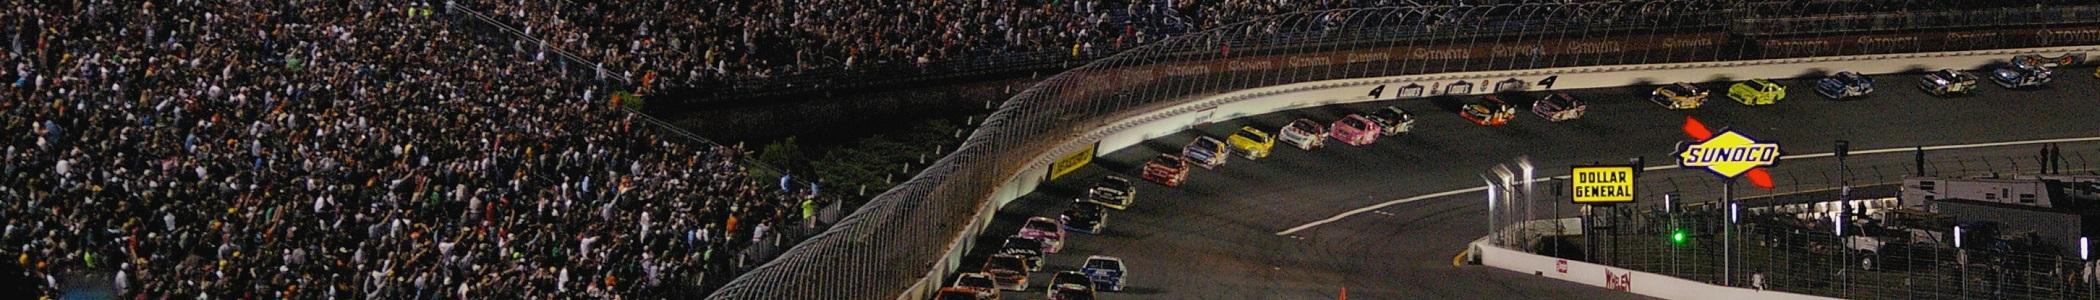 Charlotte_Motor_Speedway_banner